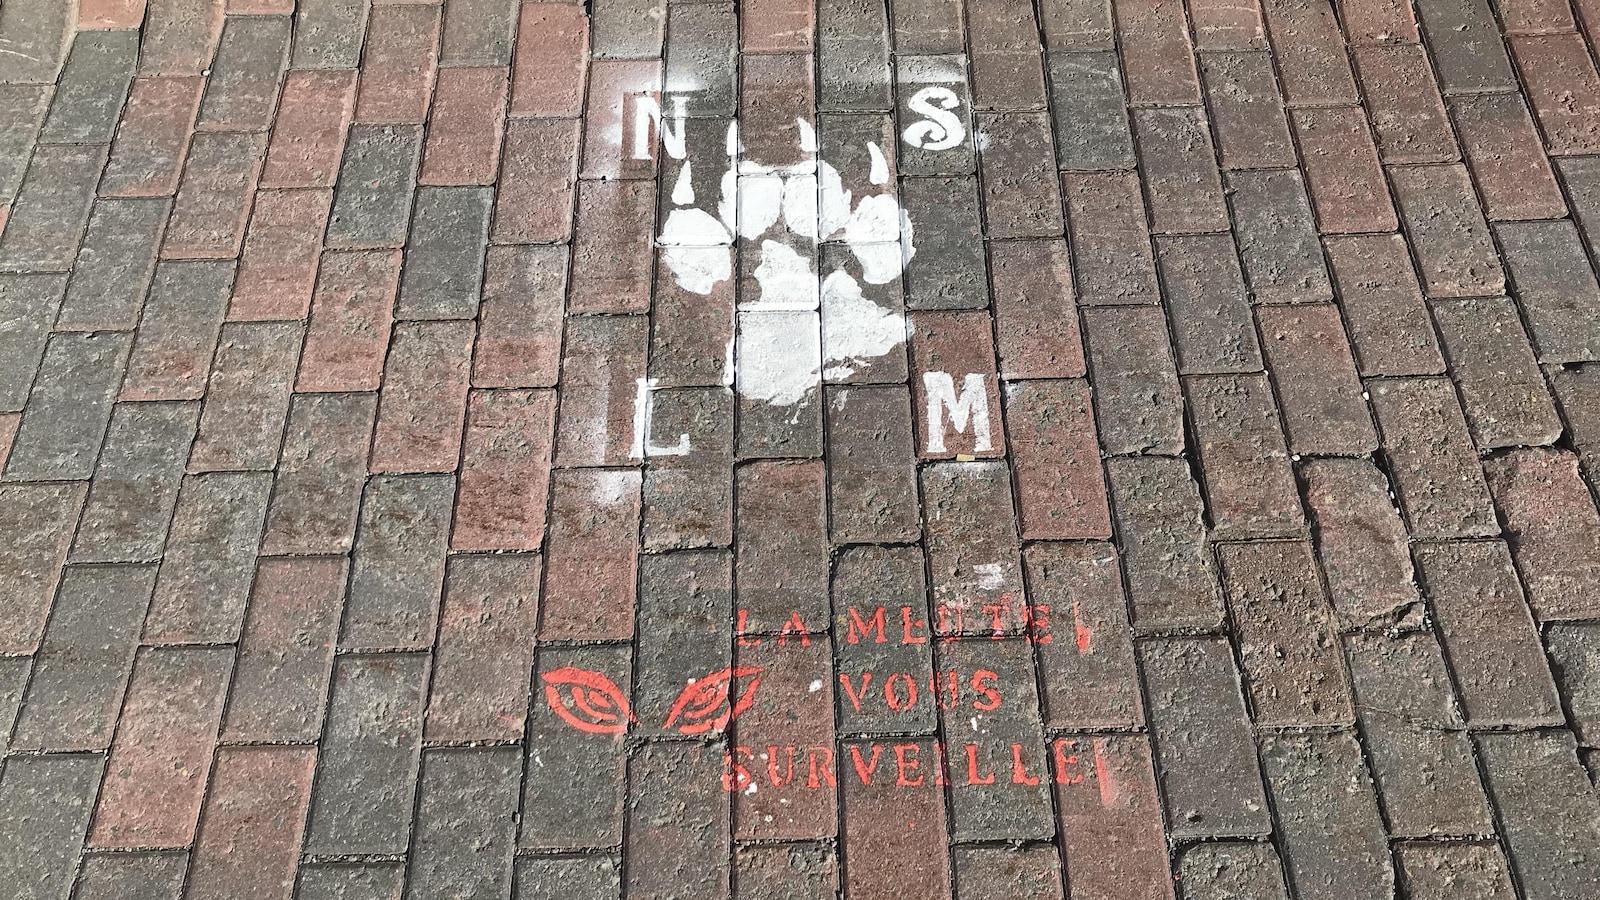 Le logo du groupe identitaire La Meute avec la phrase «La Meute vous surveille».